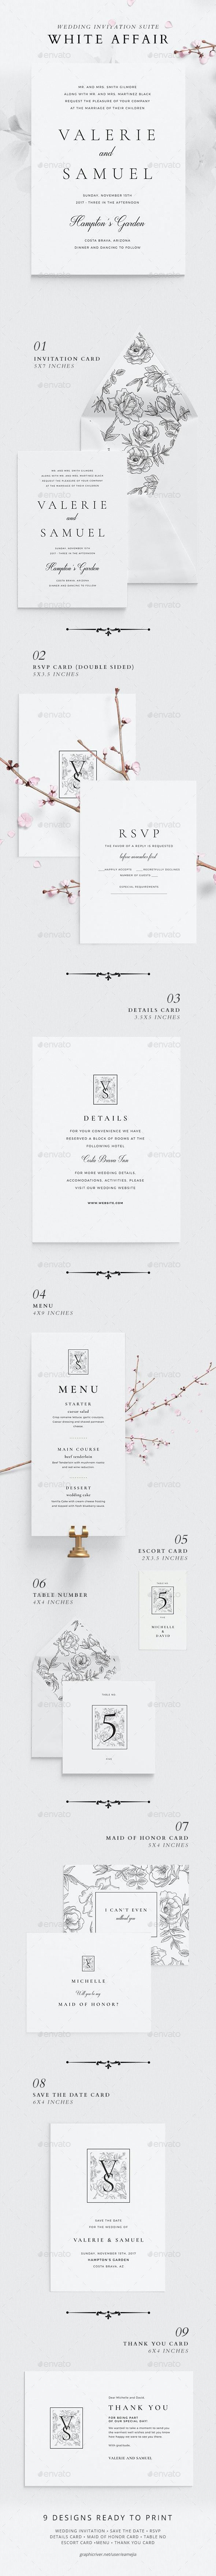 Wedding Invitation Suite - White Affair - Weddings Cards & Invites